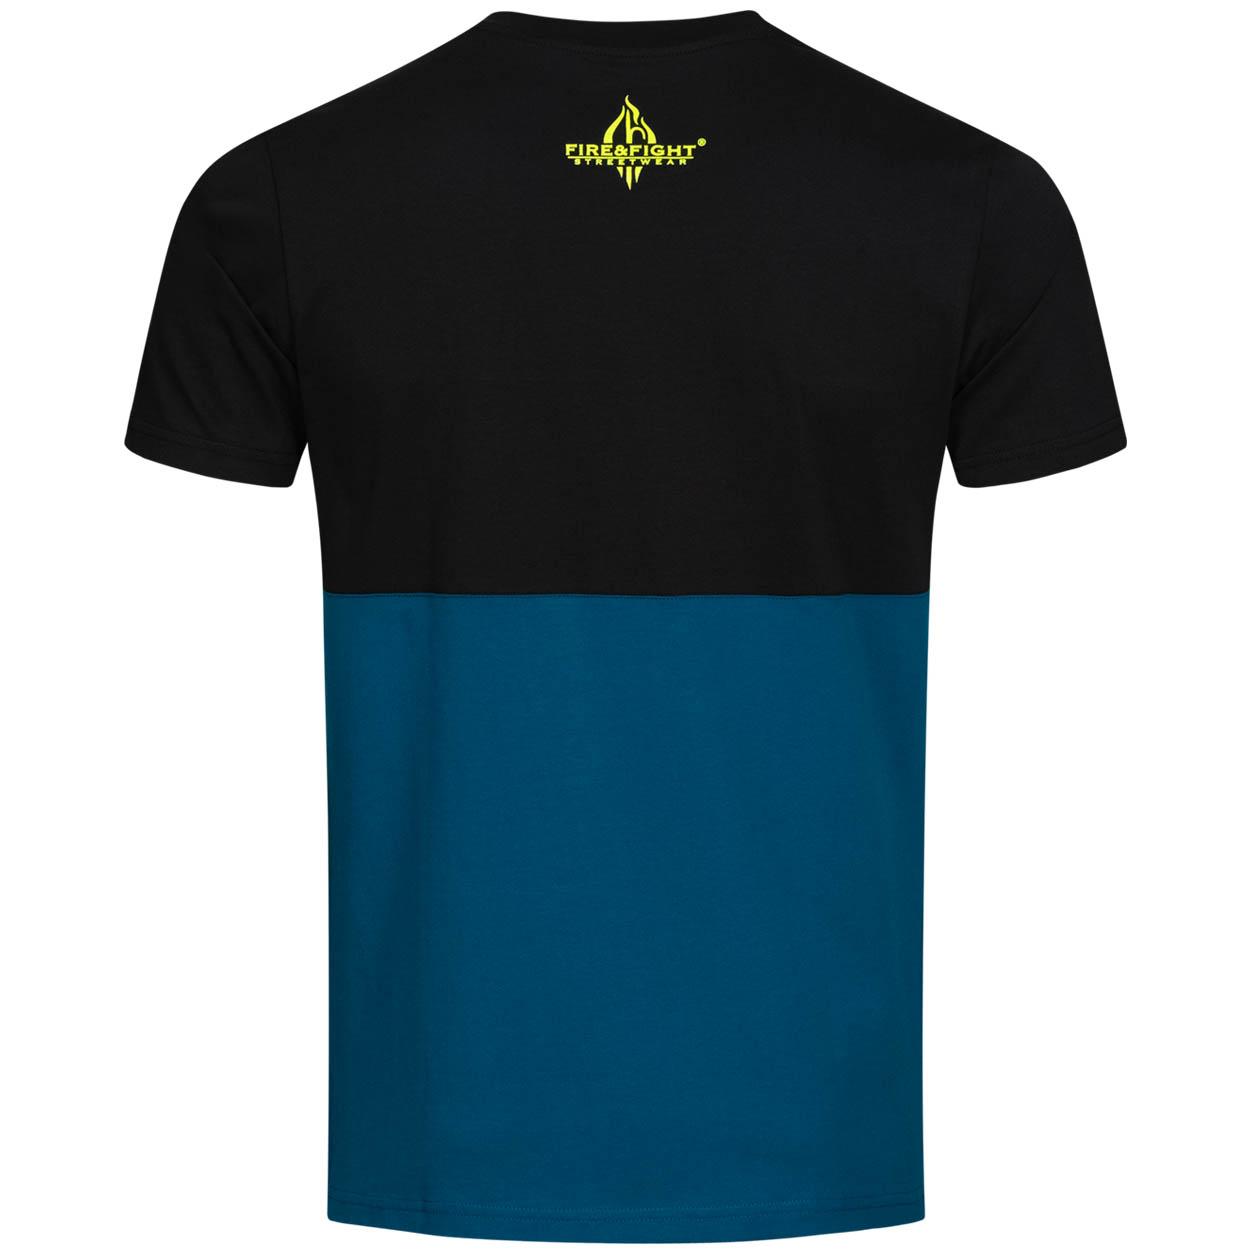 Feuerwehr, die etwas andere Familie - Männer Kontrast T-Shirt